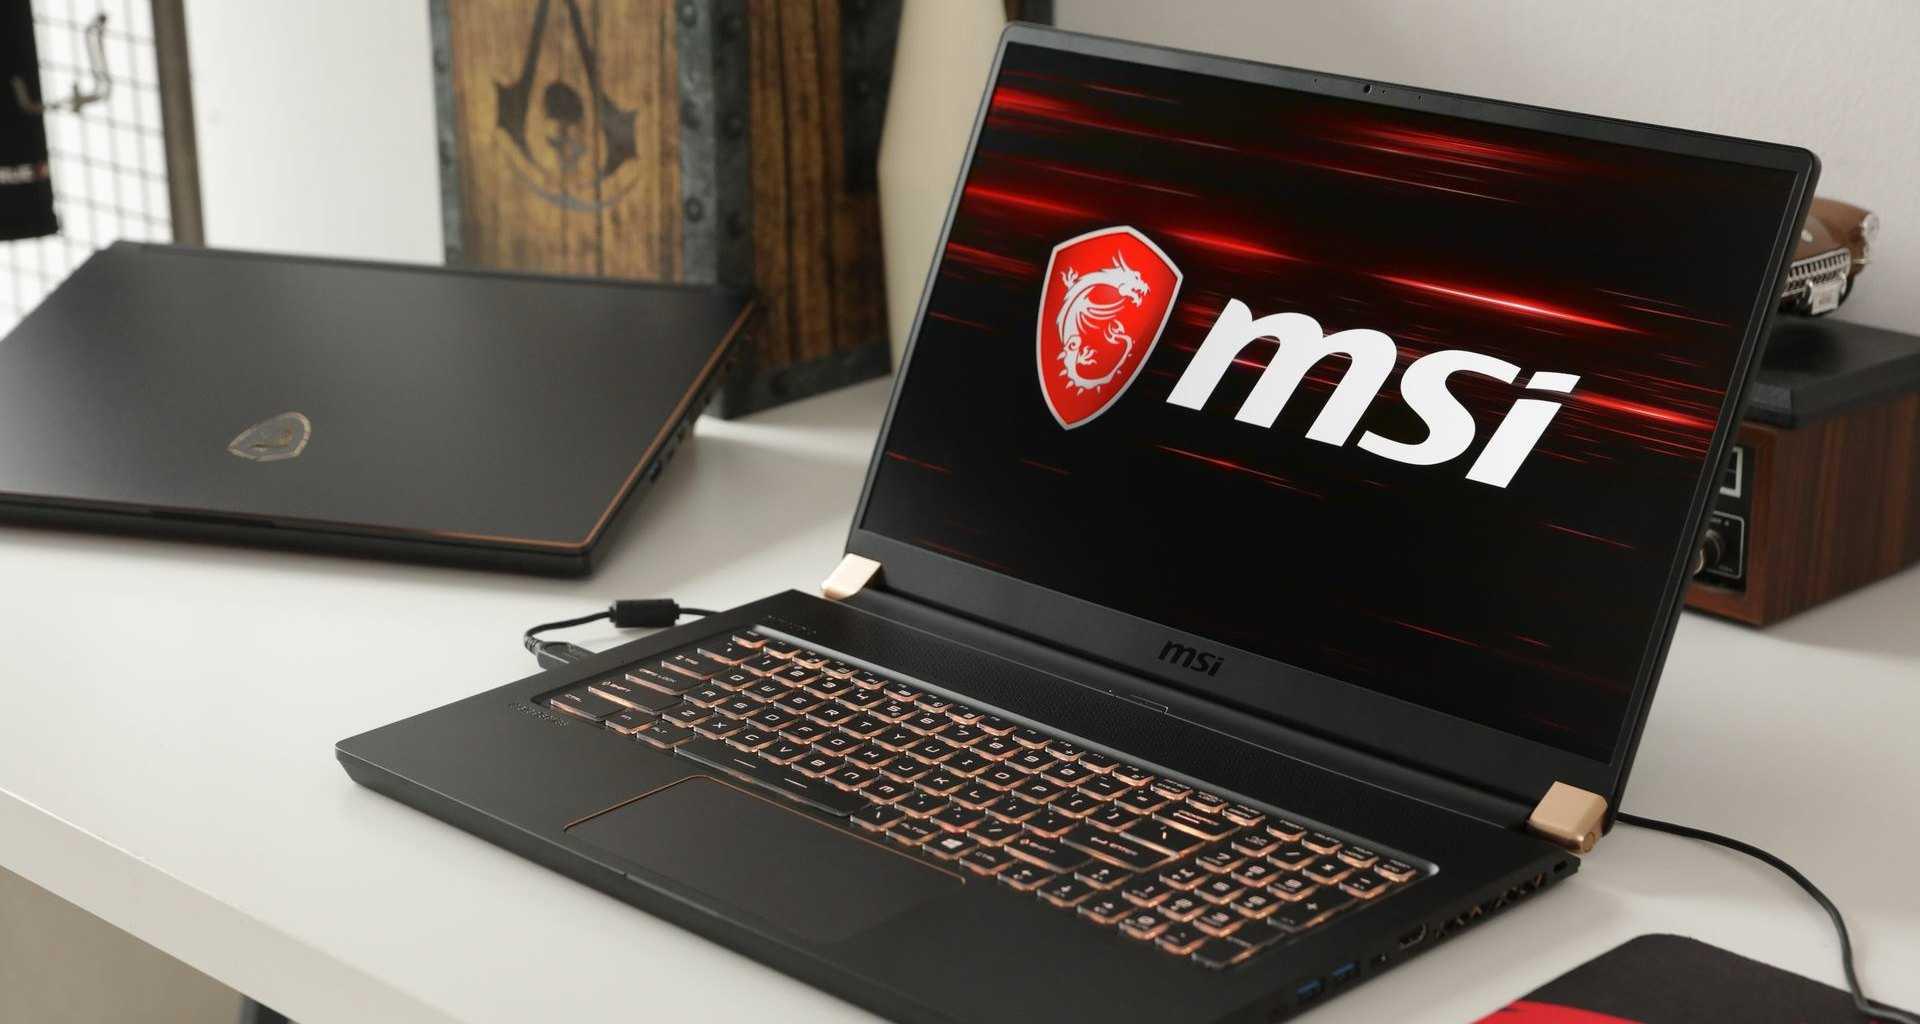 Наконец-то компания MSI анонсировала продолжение серии игровых ноутбуков GPLeopard Как и предшествующие модели новинки входят в список флагманов и позиционируются в